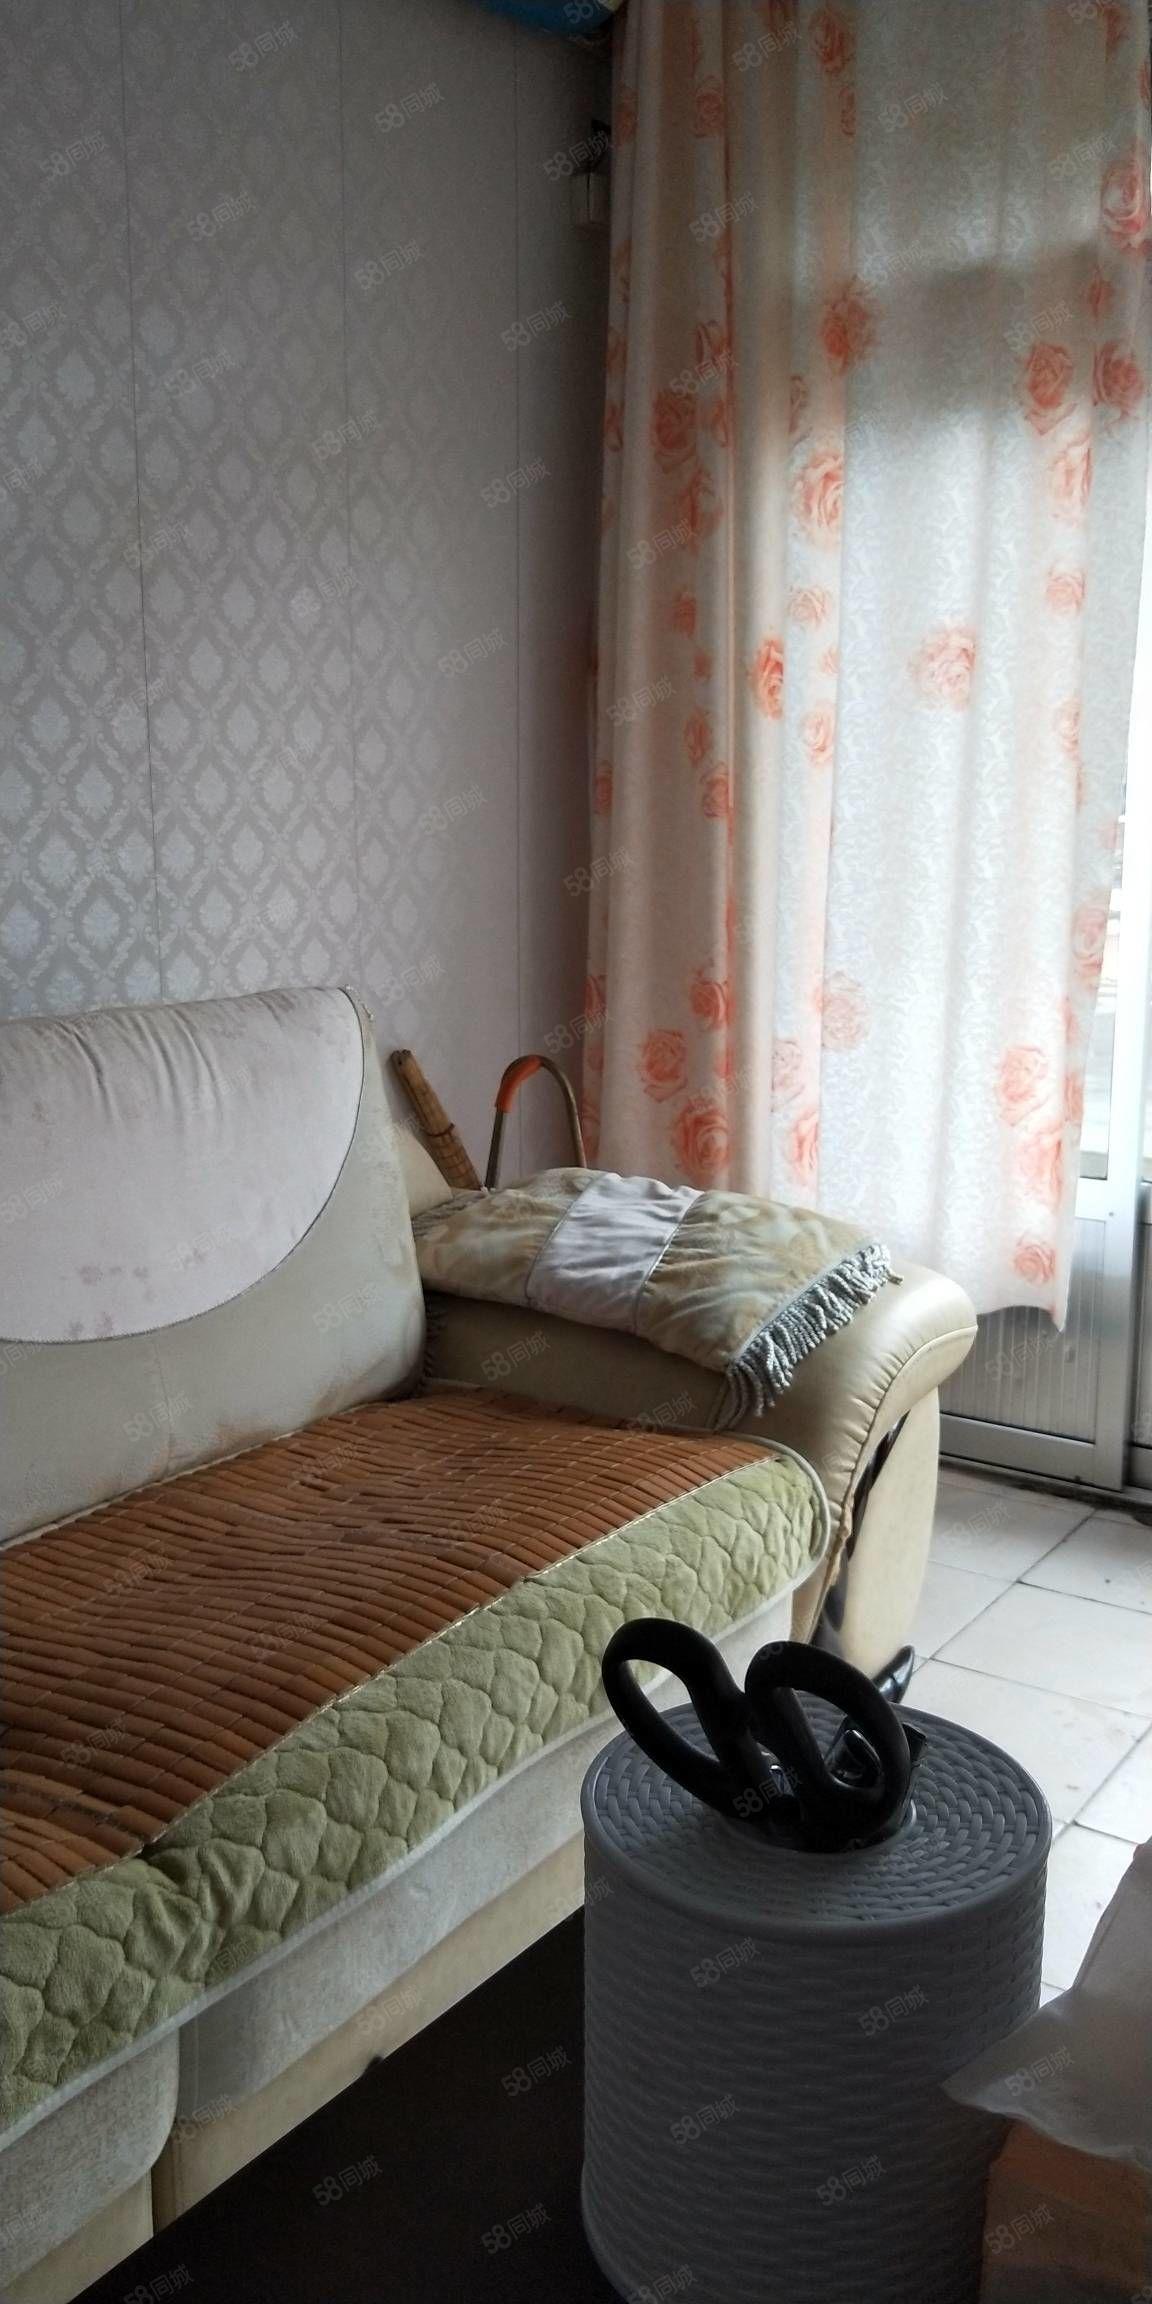 河康50型2楼出租,家具电器全套,随时入住,年租8000。